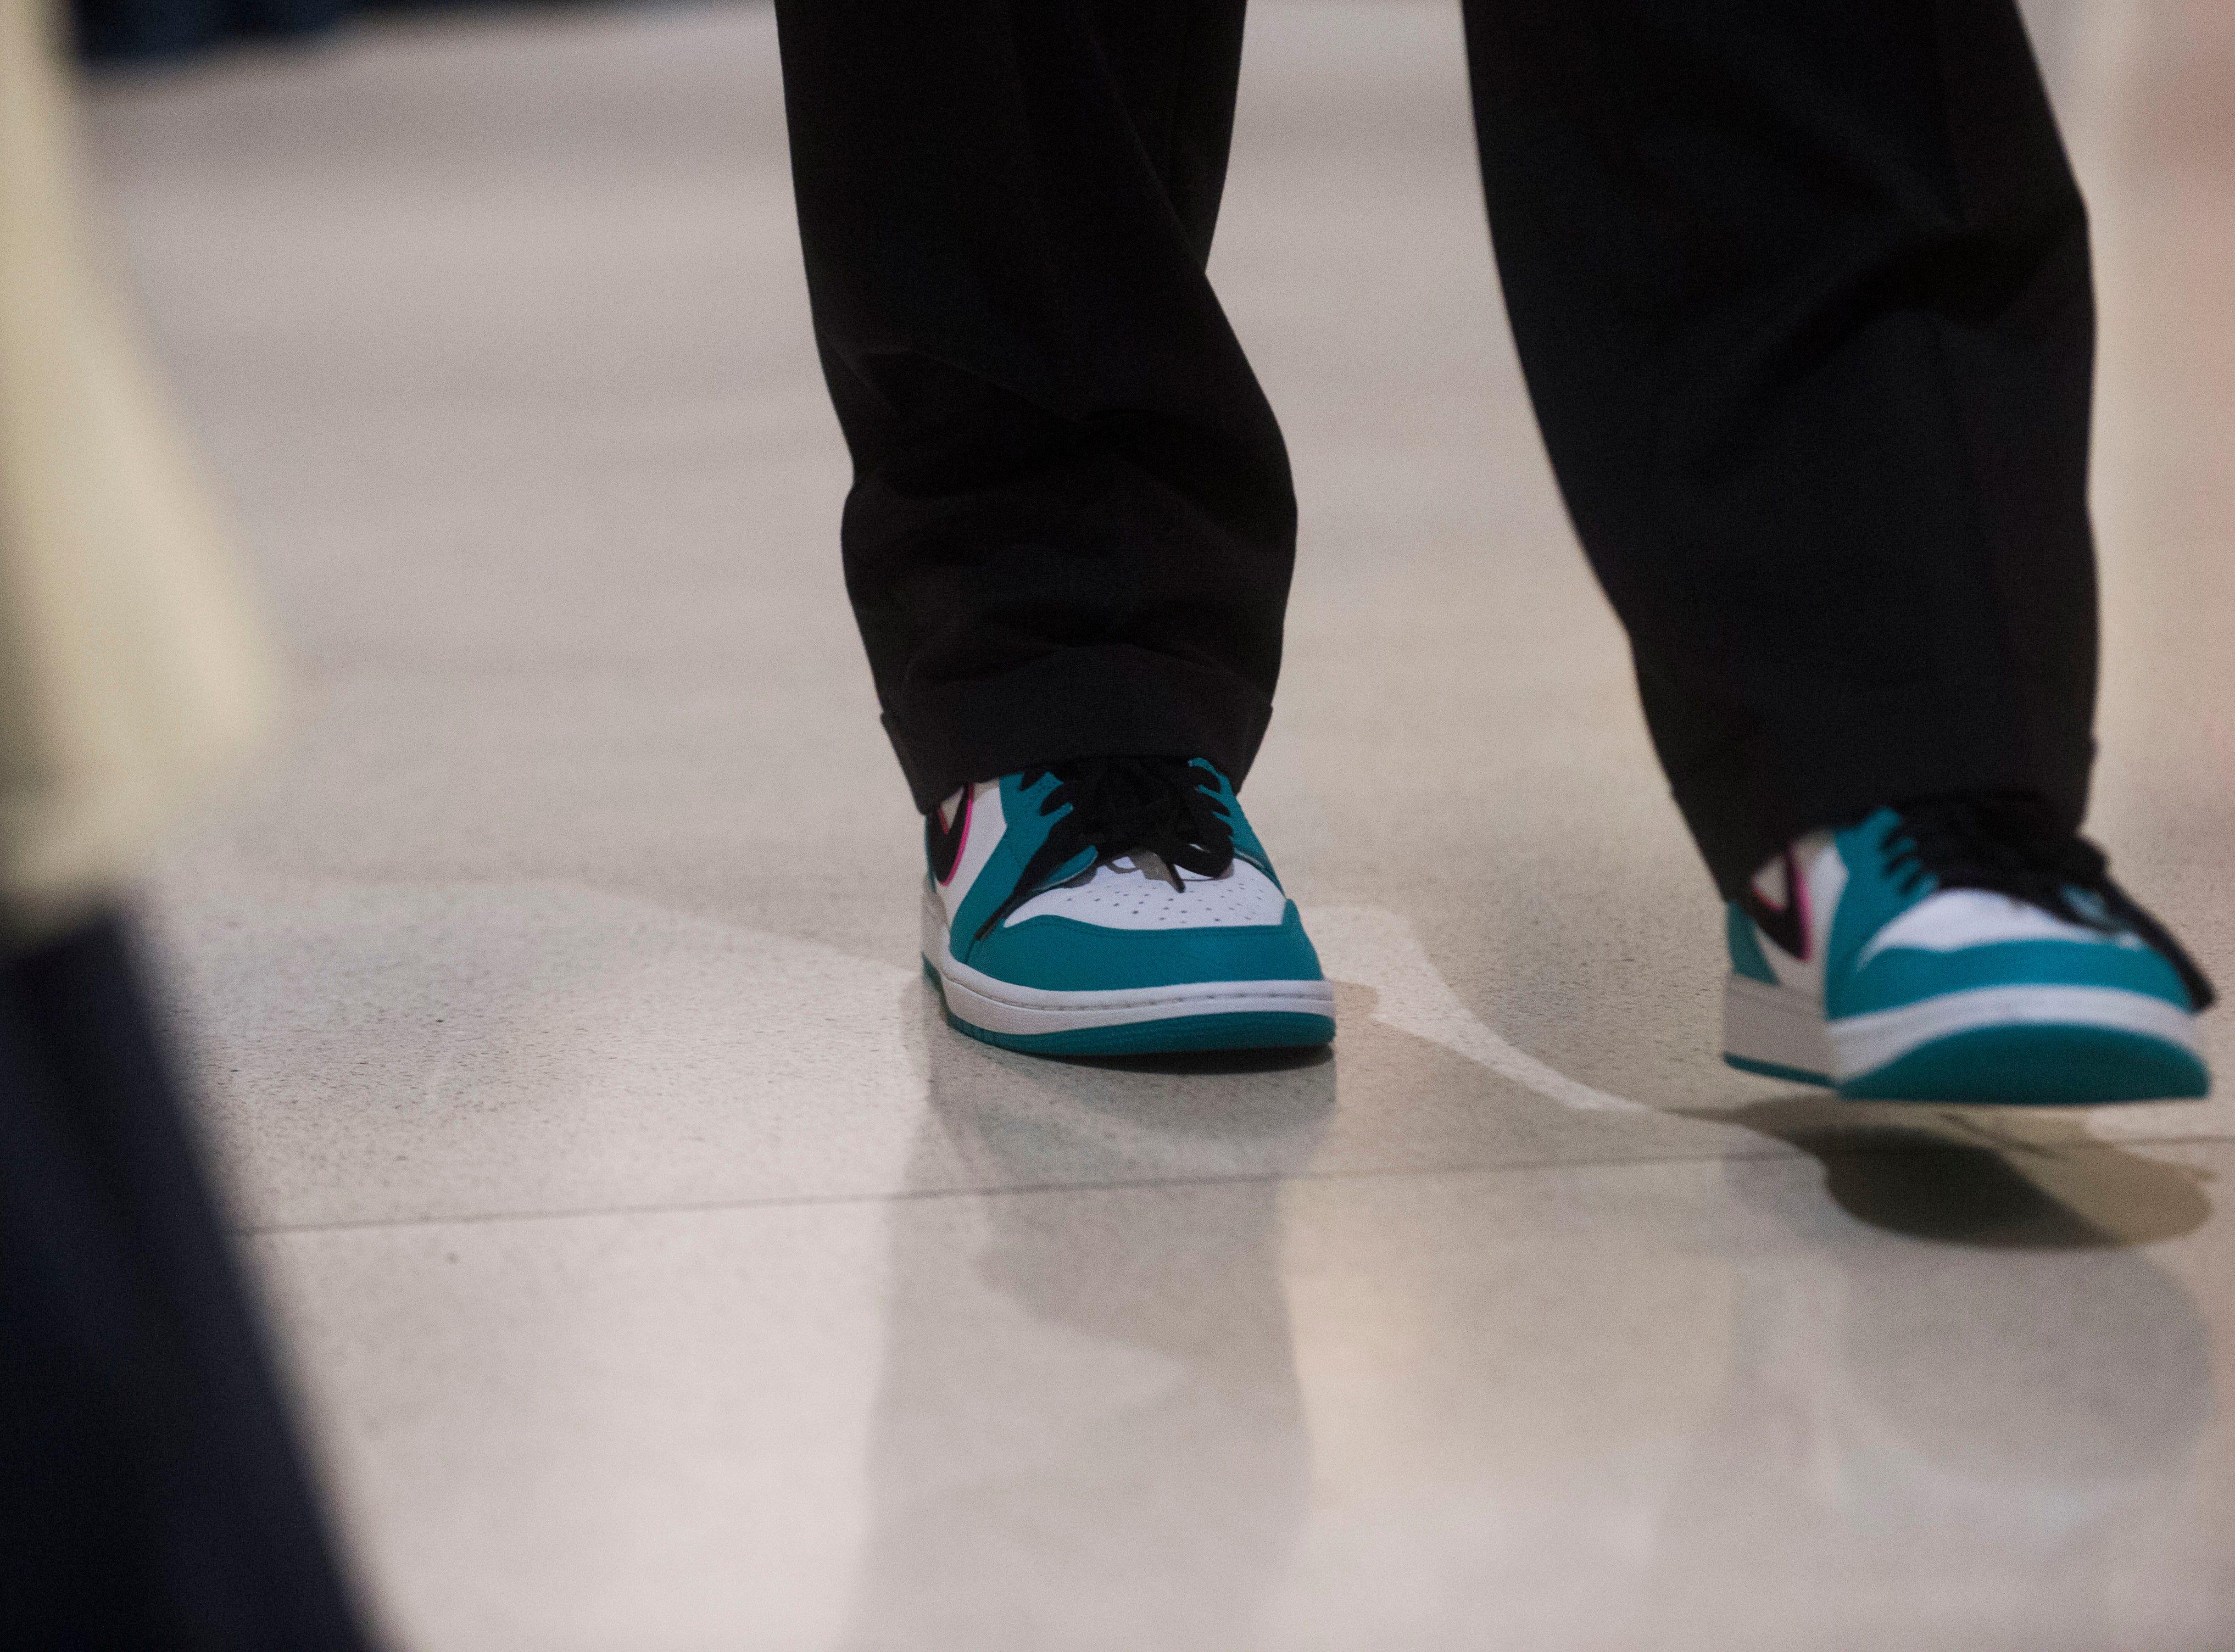 20 under 20 award winner Chase Strickland walks at the Women's Basketball Hall of Fame Thursday, Nov. 8, 2018.